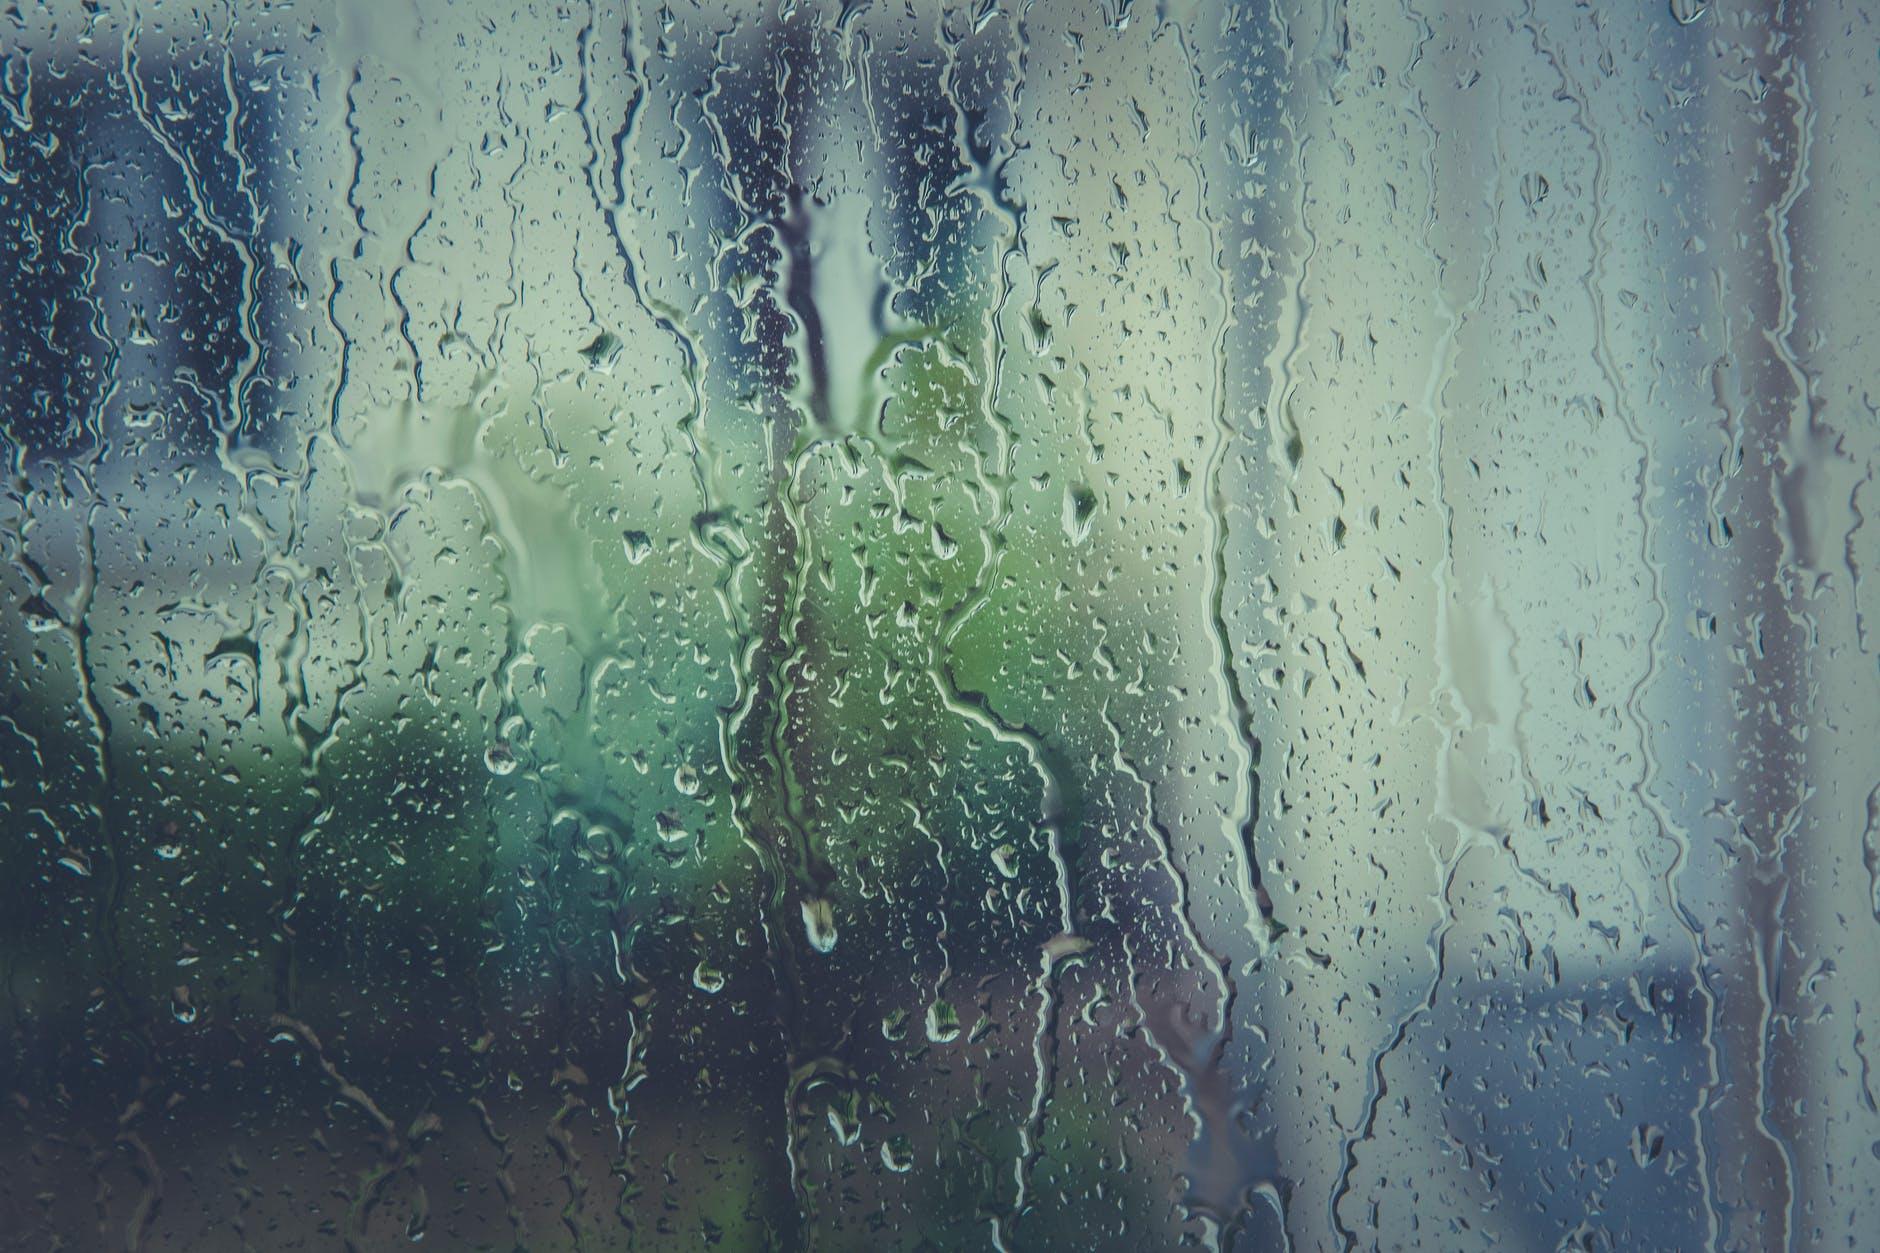 dážď na okn